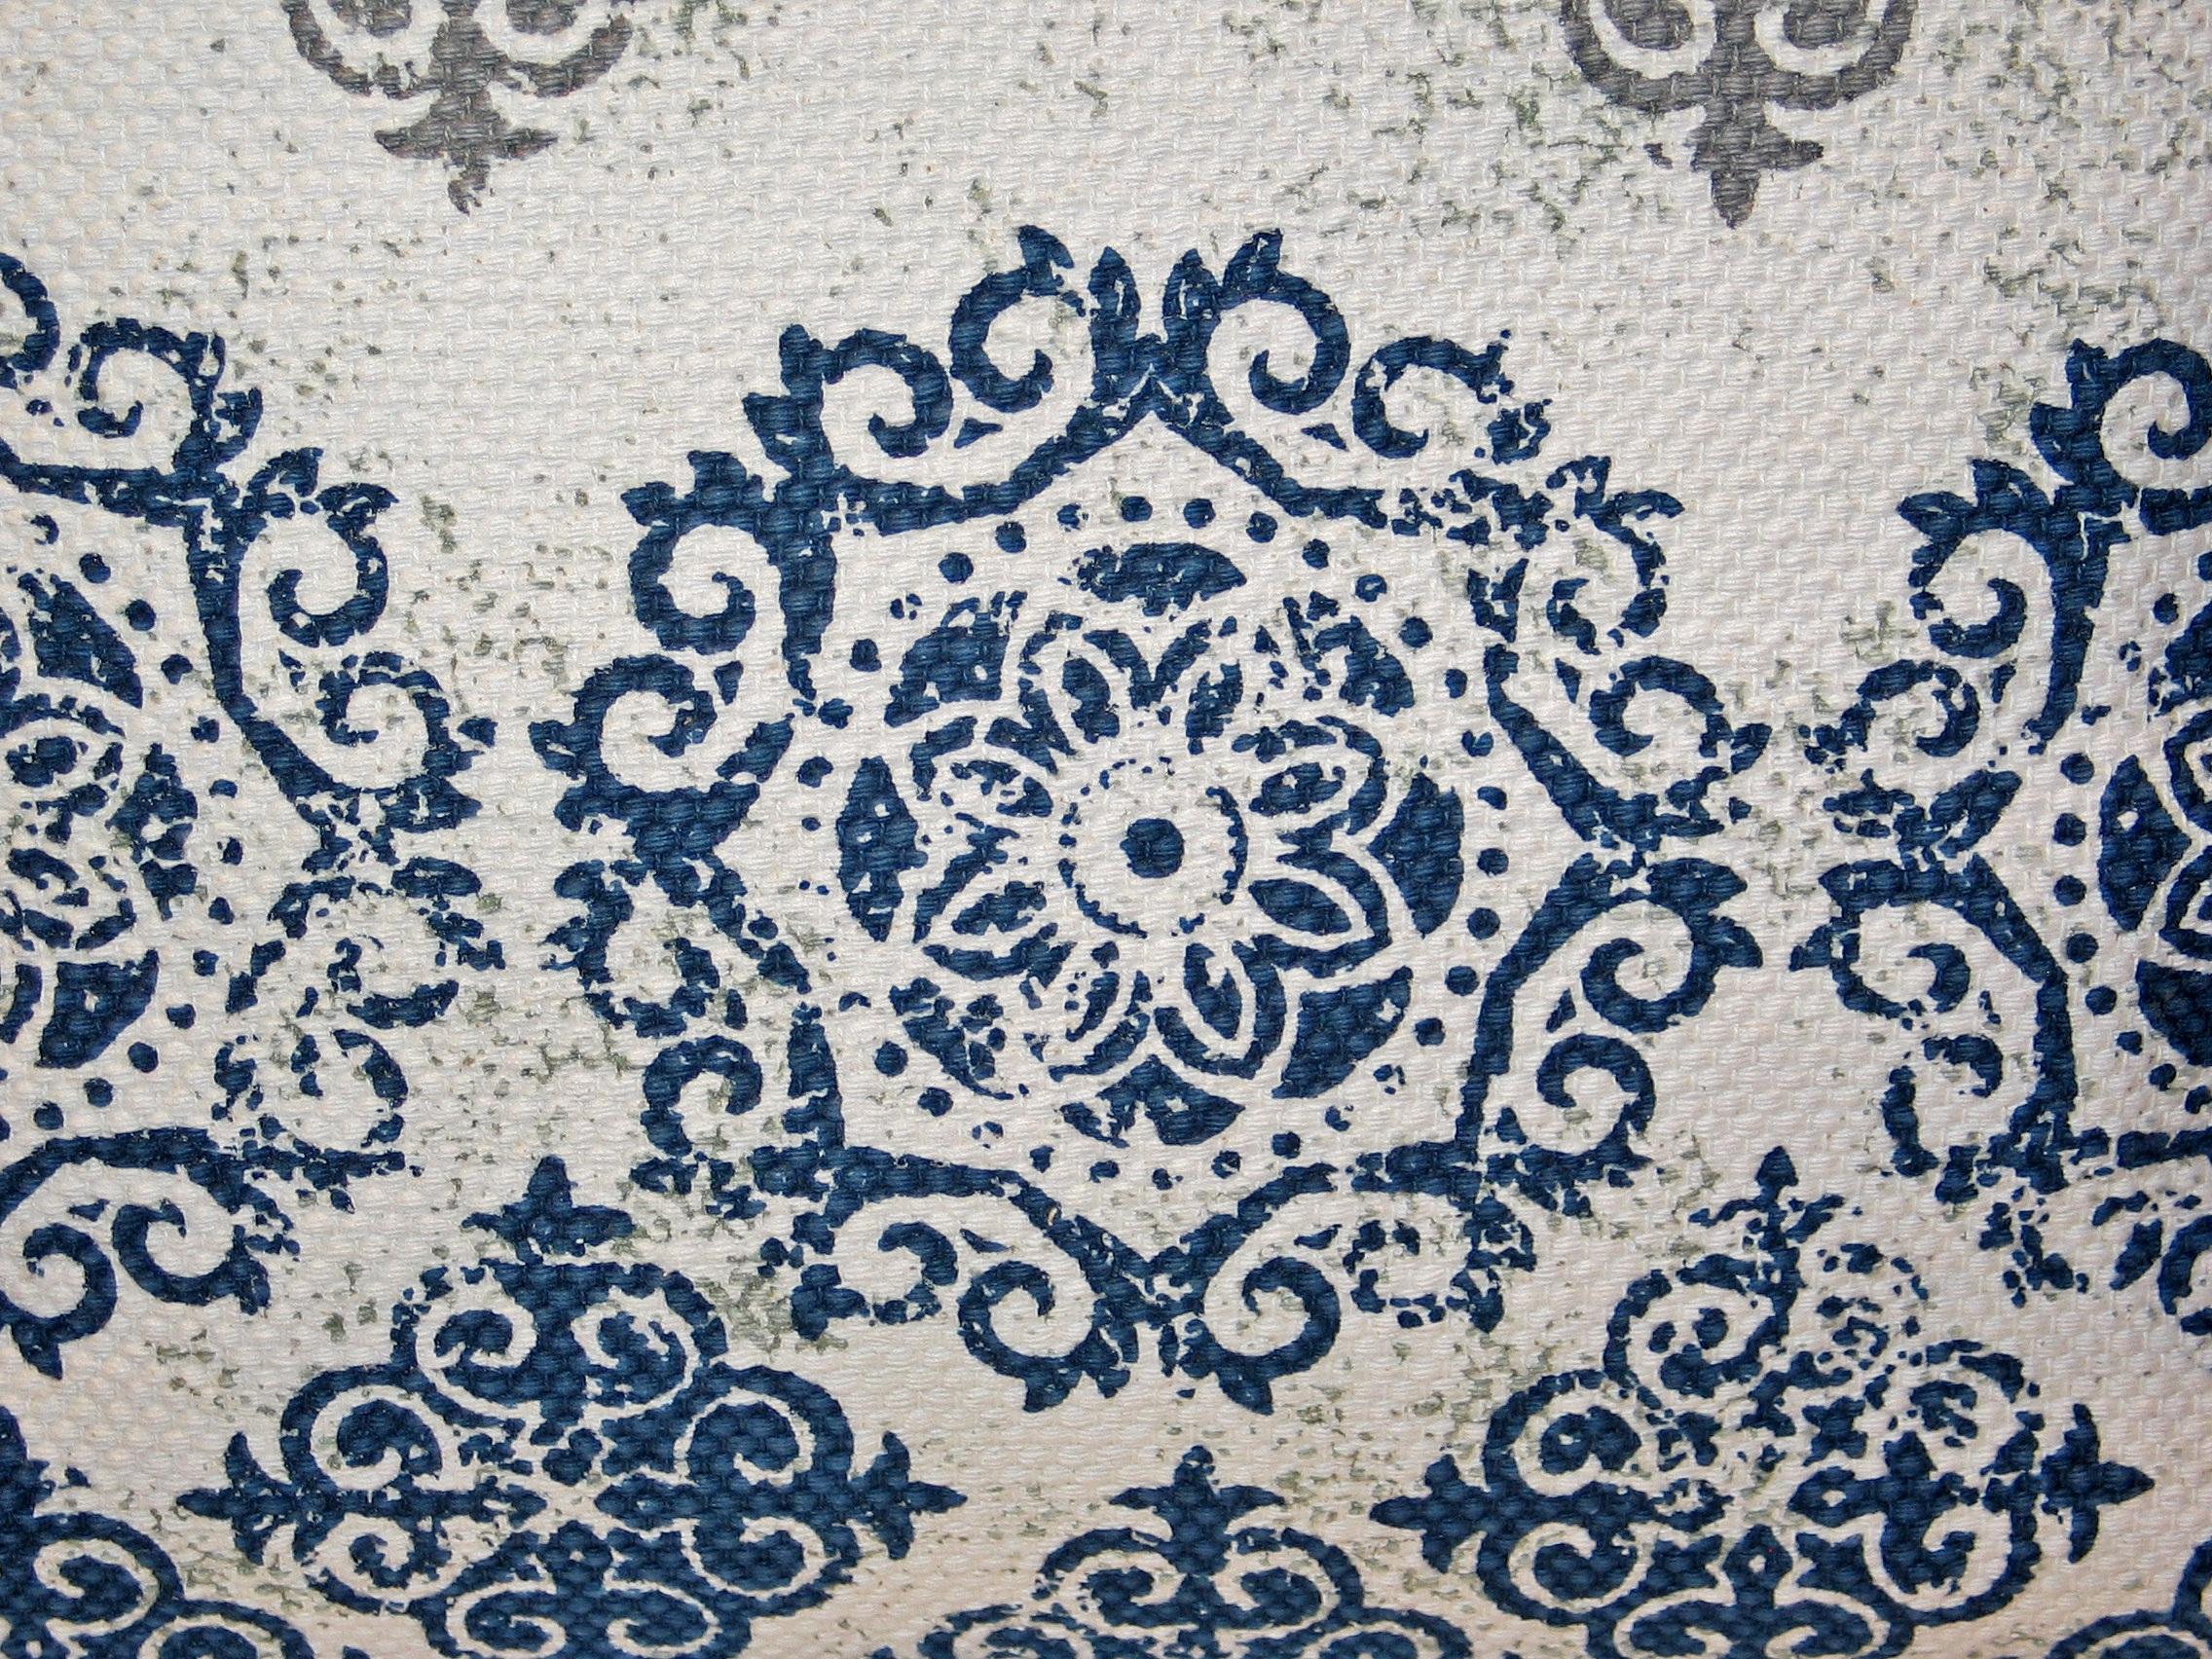 Fotos gratis : naturaleza, estructura, textura, decoración, patrón ...